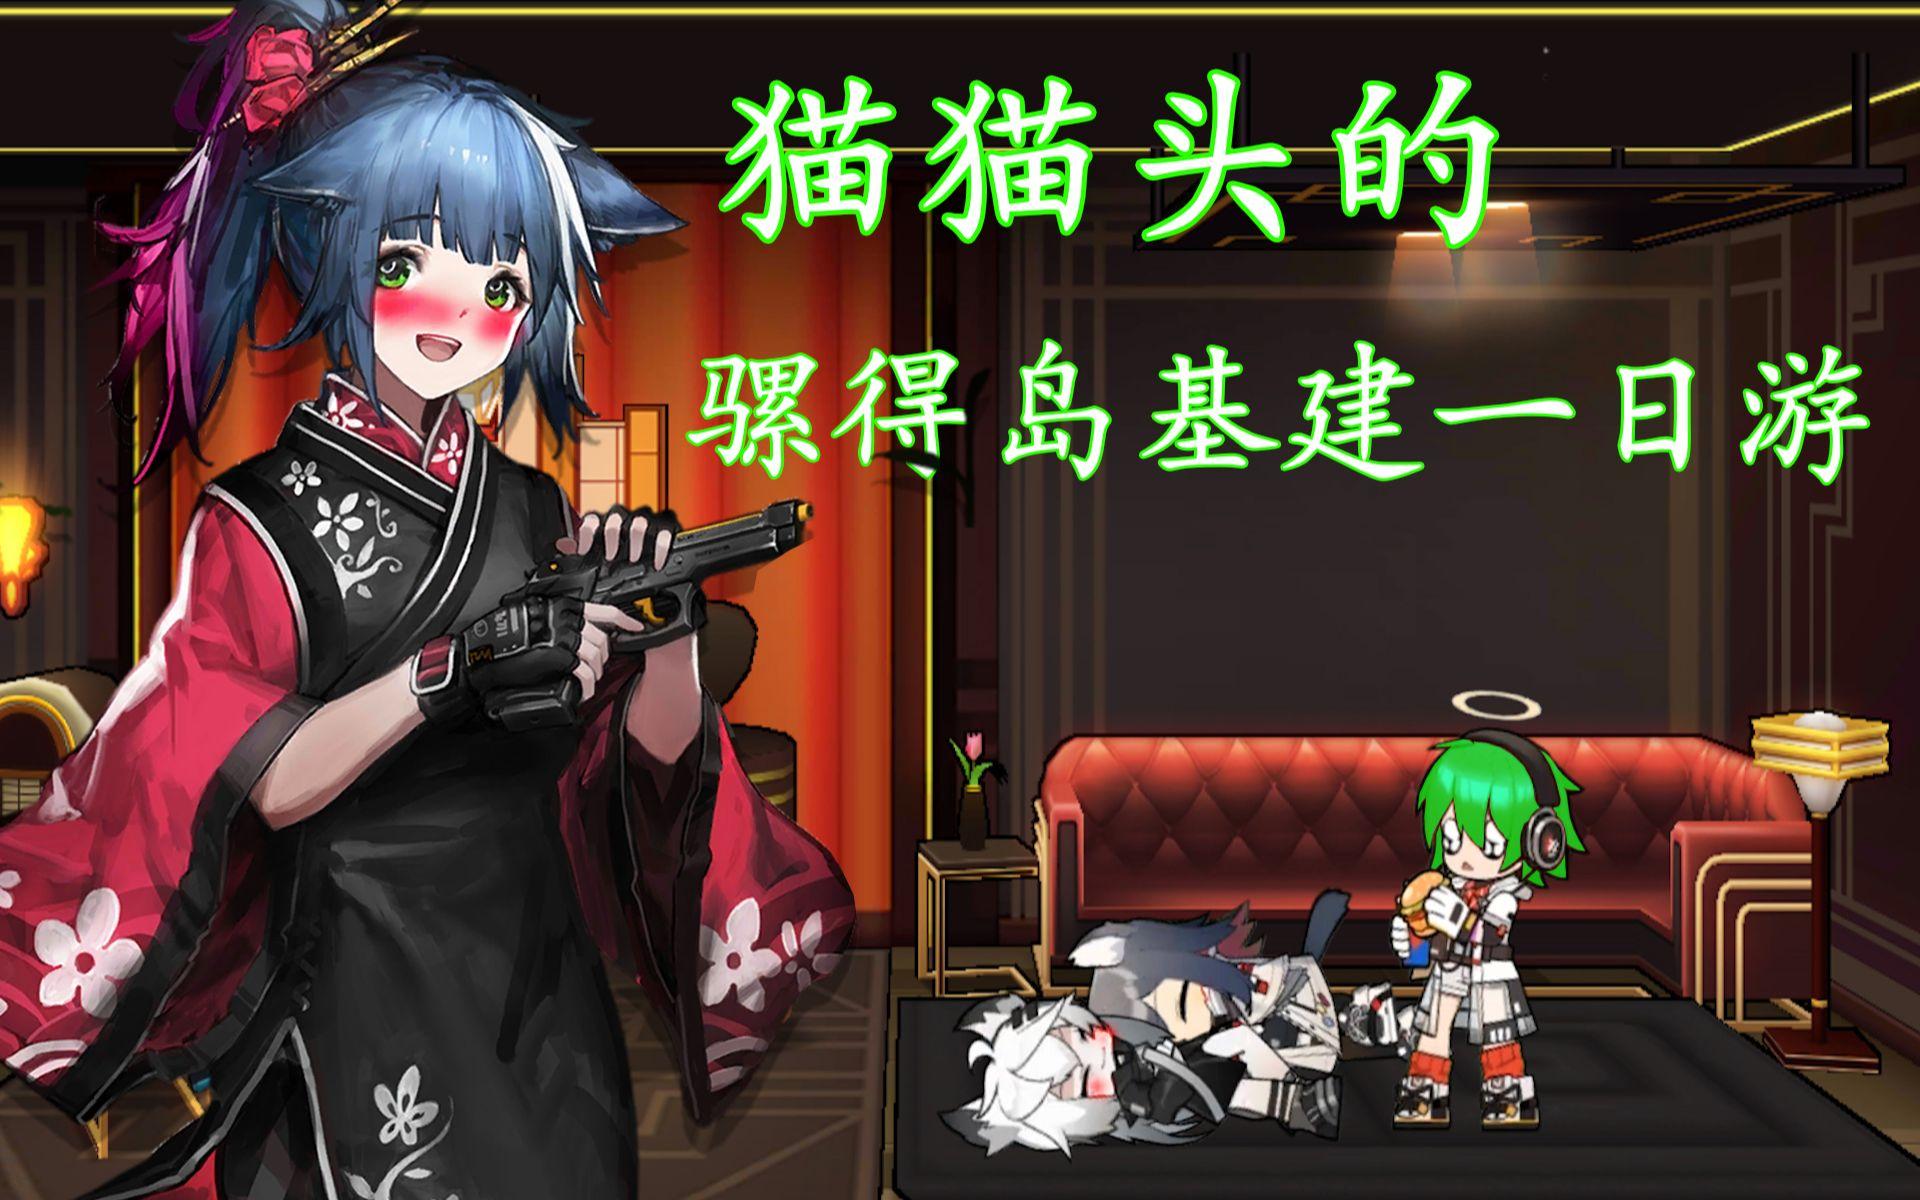 【明日方舟】幸 福 貓 貓 頭_嗶哩嗶哩 (゜-゜)つロ 干杯~-bilibili